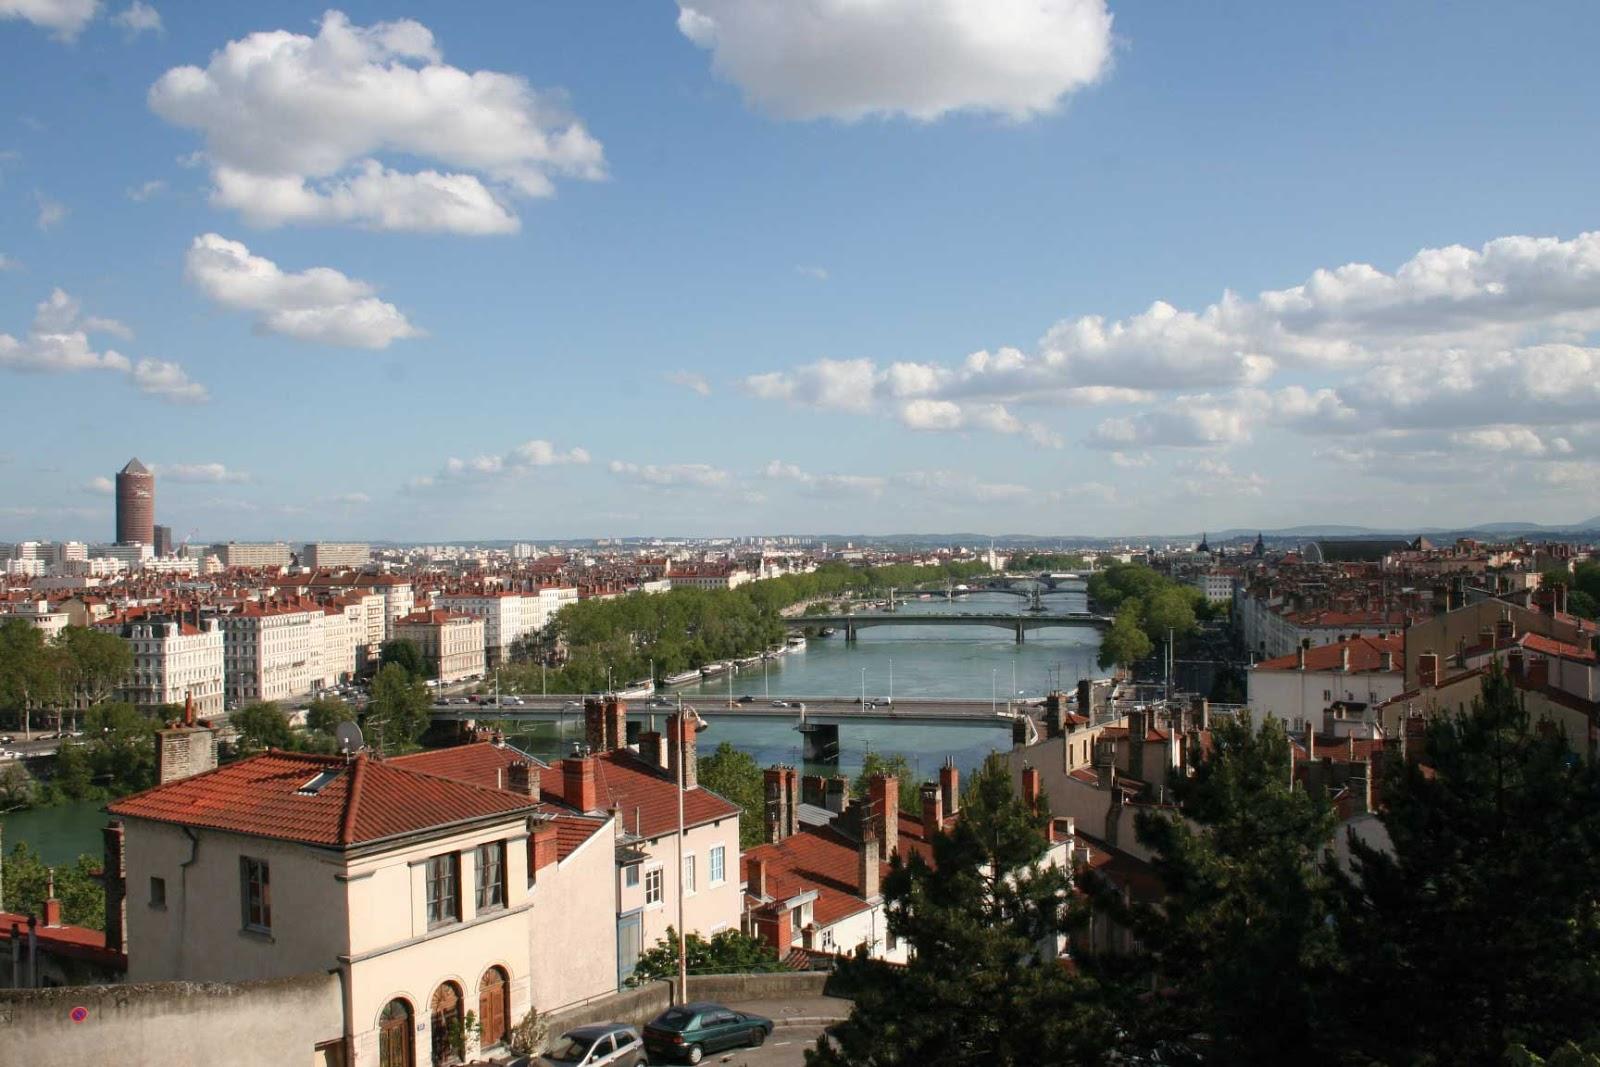 rue Godart vue panoramique - visite guidée de Lyon - Nicolas Bruno Jacquet